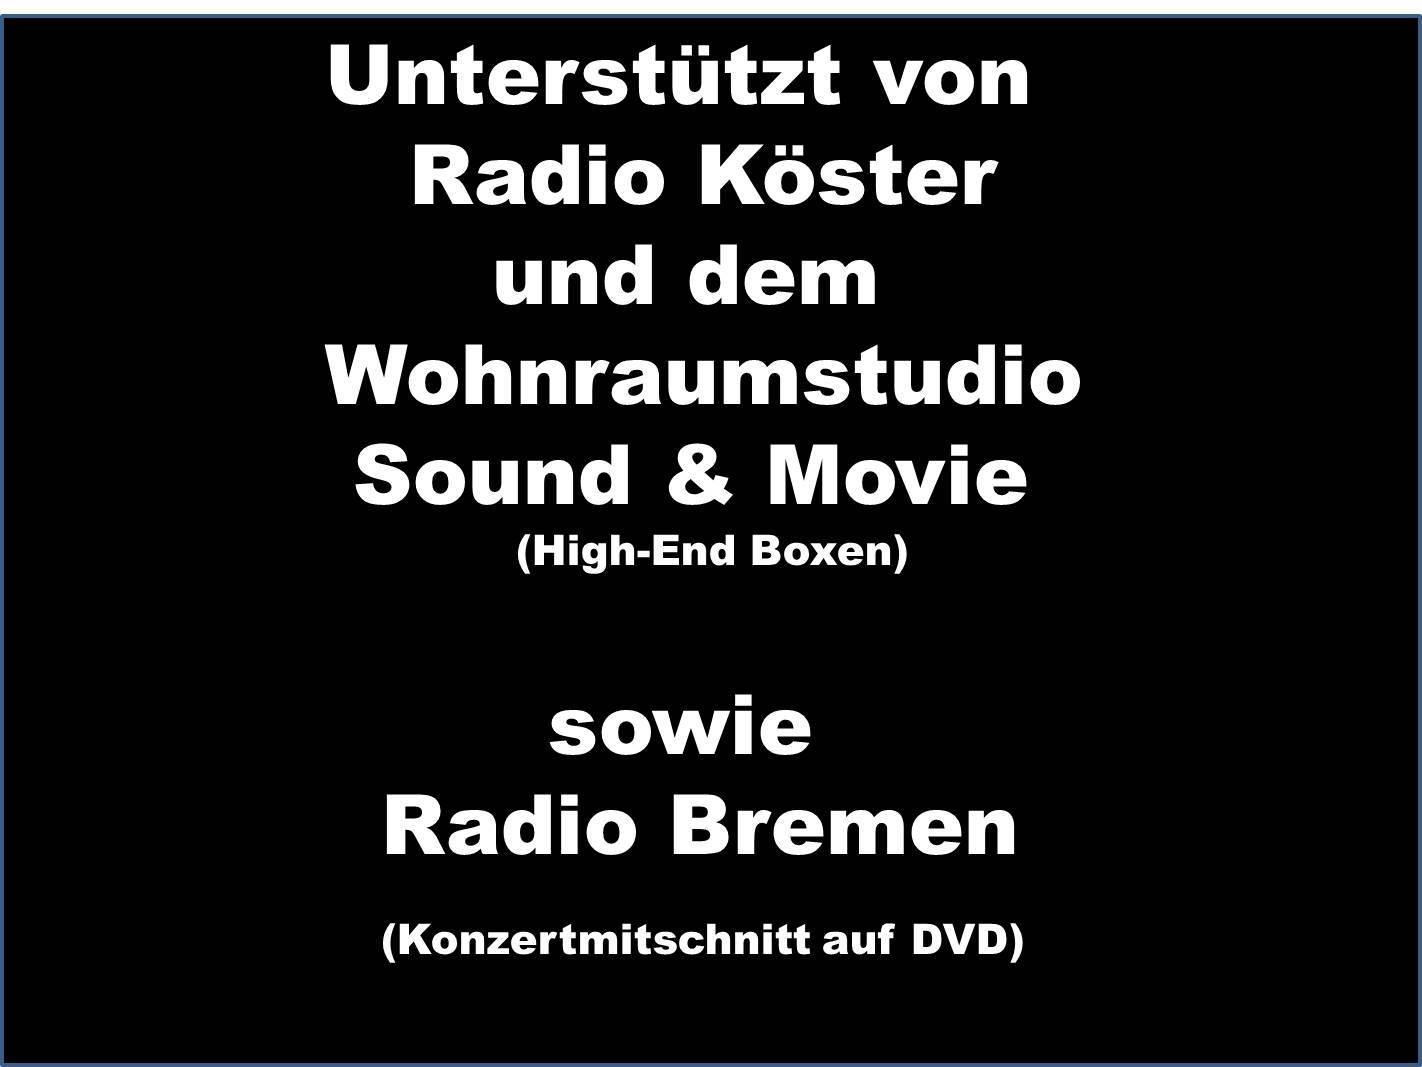 G:\A Kämmerei Verein\a Verlassene Räume\Werbefilm\Konzert\Unterstützt von.jpg